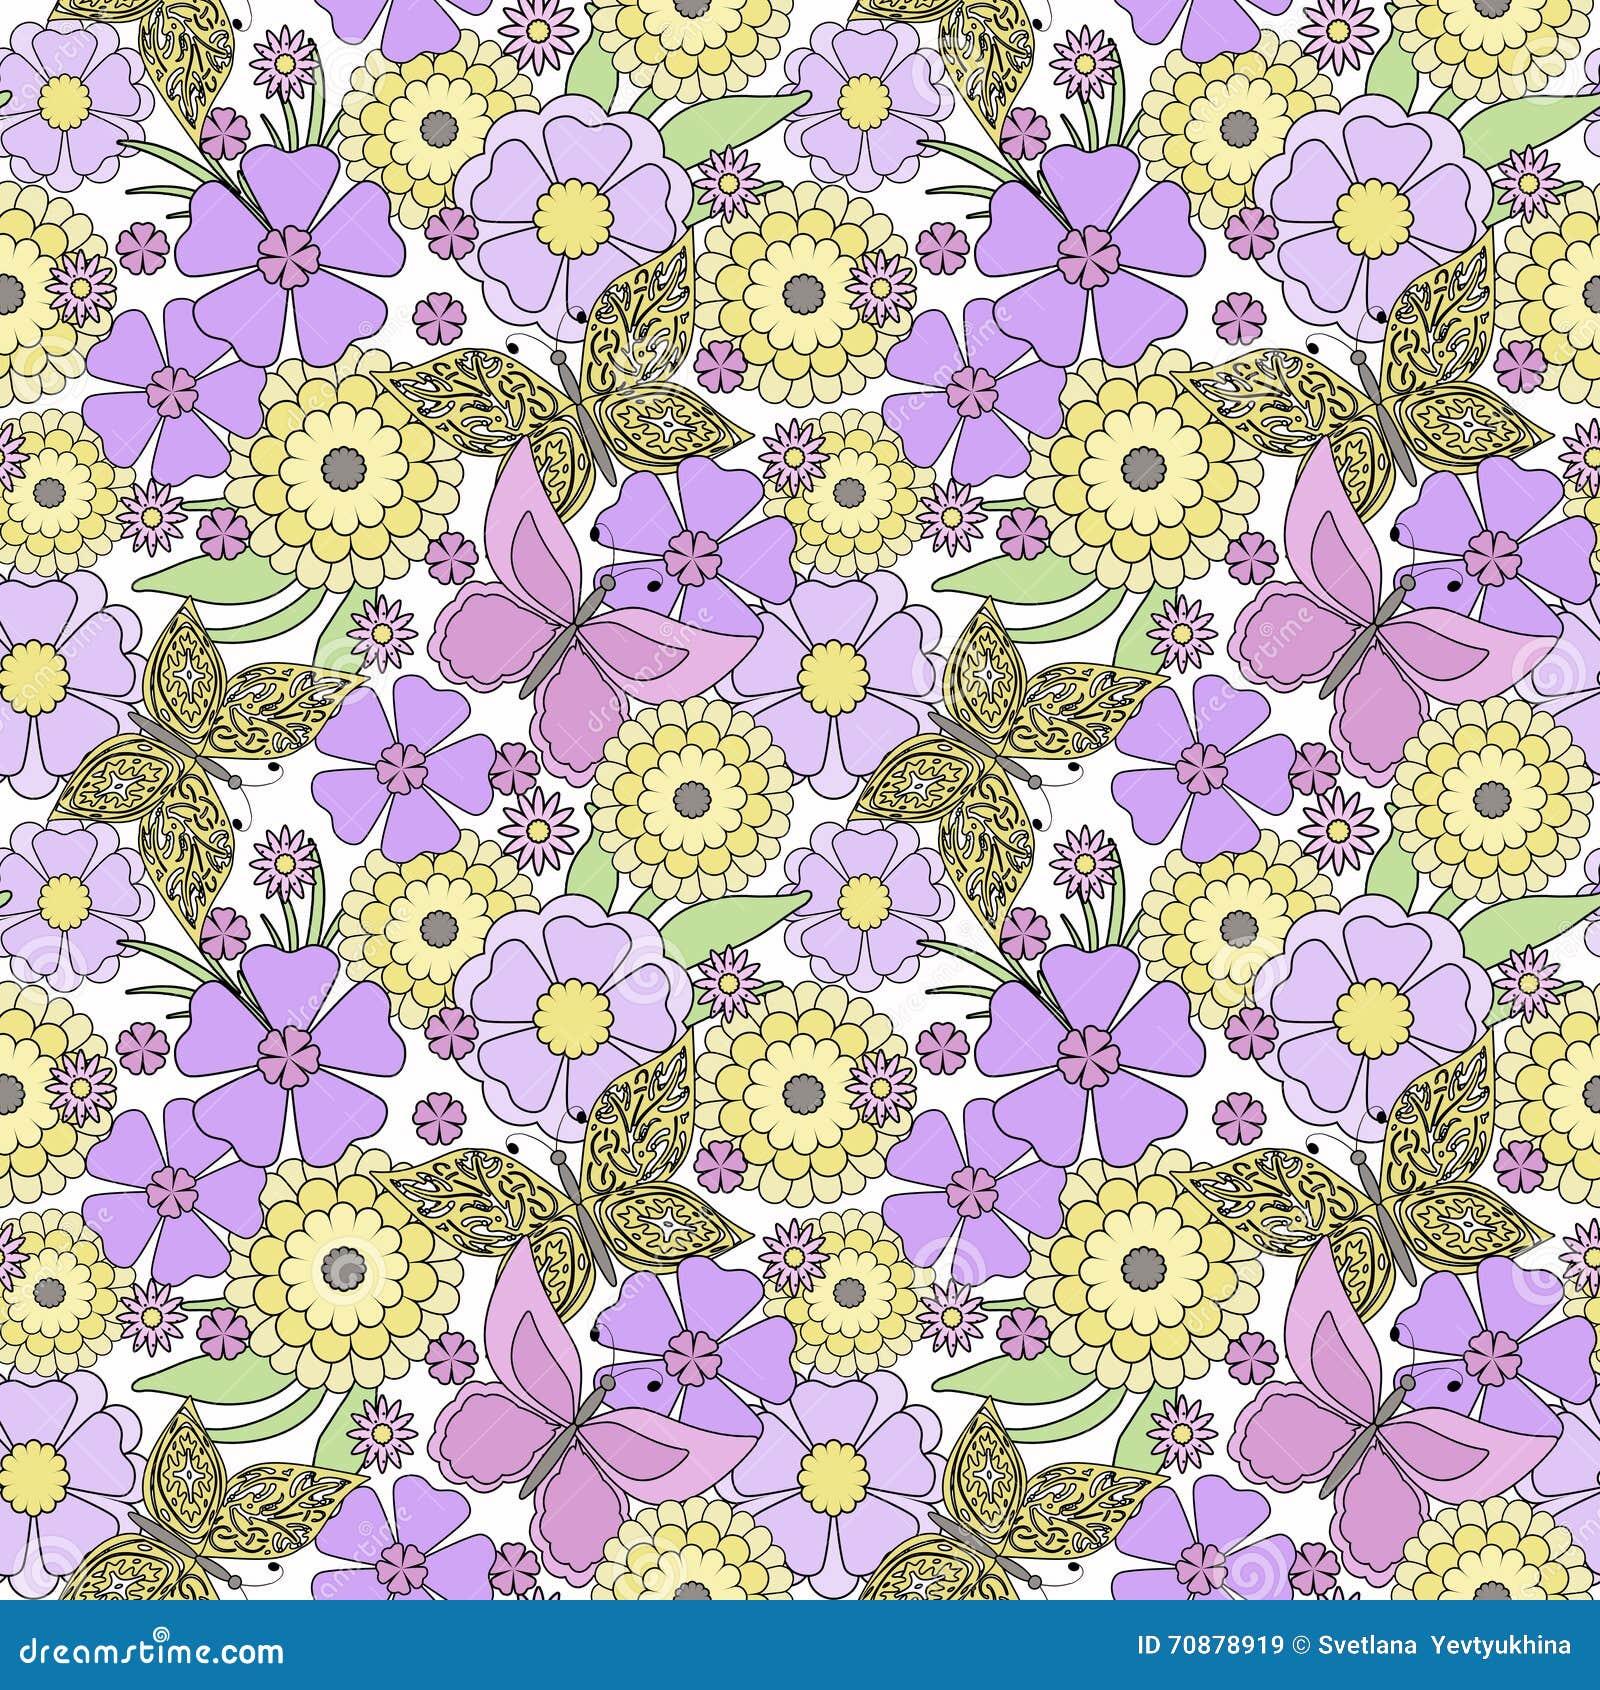 Floral Seamless Pattern Cute Cartoon Flowers With Butterflies Light